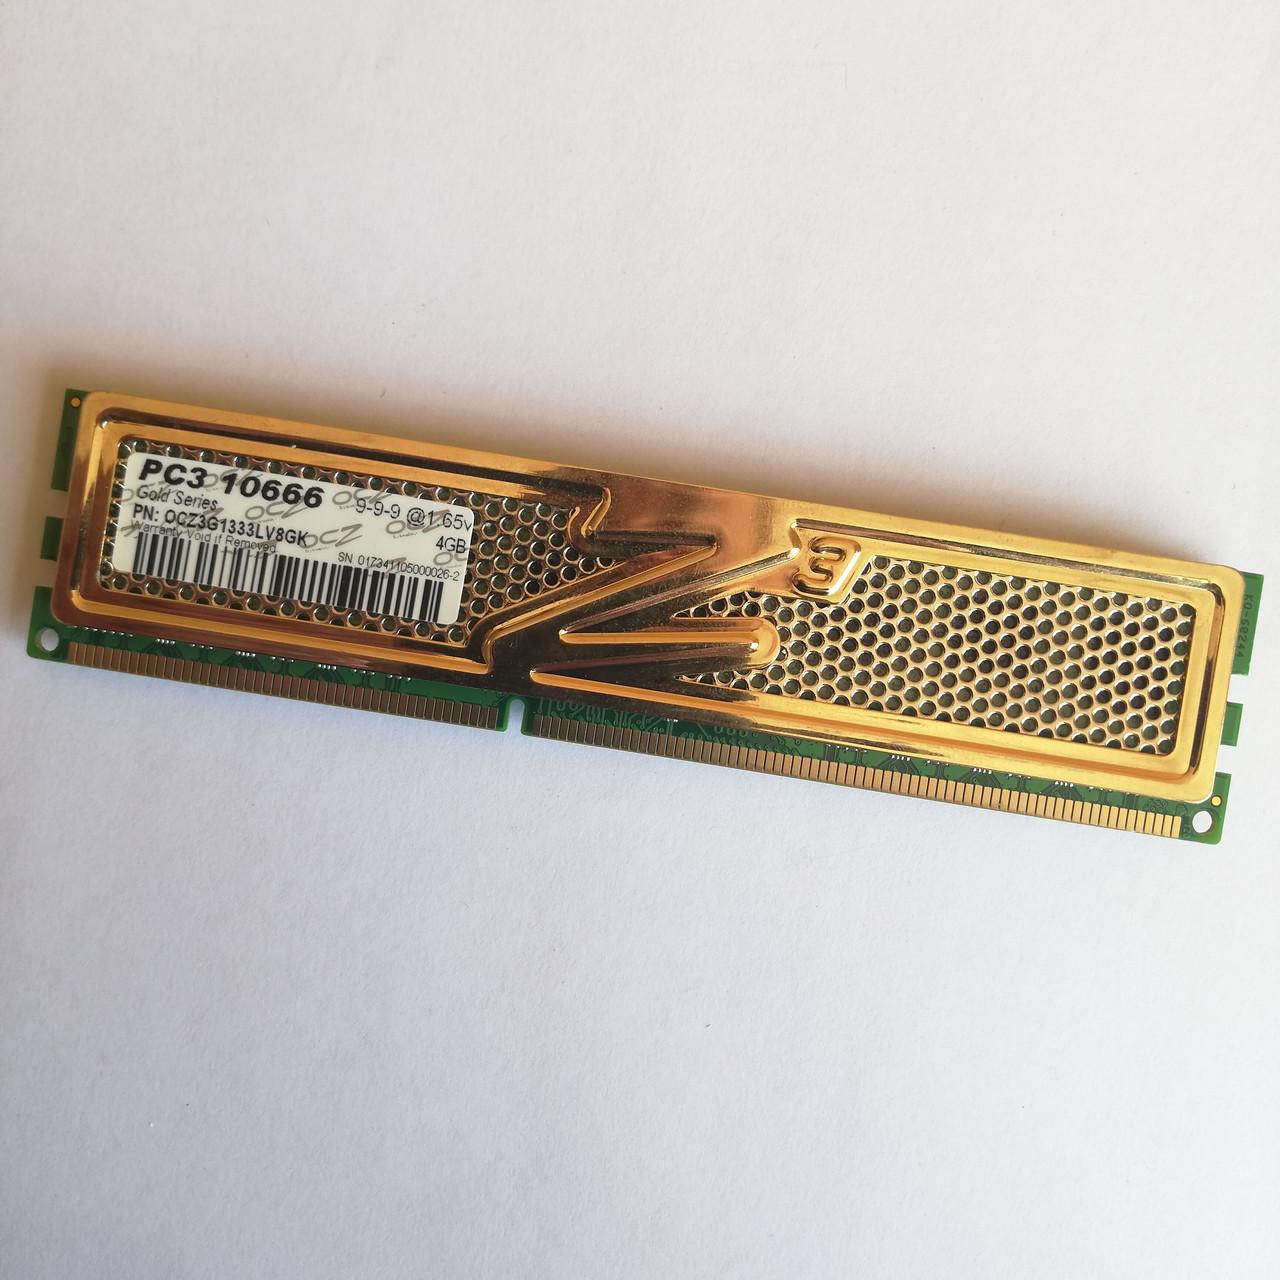 Игровая оперативная память OCZ Gold DDR3 4Gb 1333MHz PC3 10666U CL9 (OCZ3G1333LV8GK) Б/У